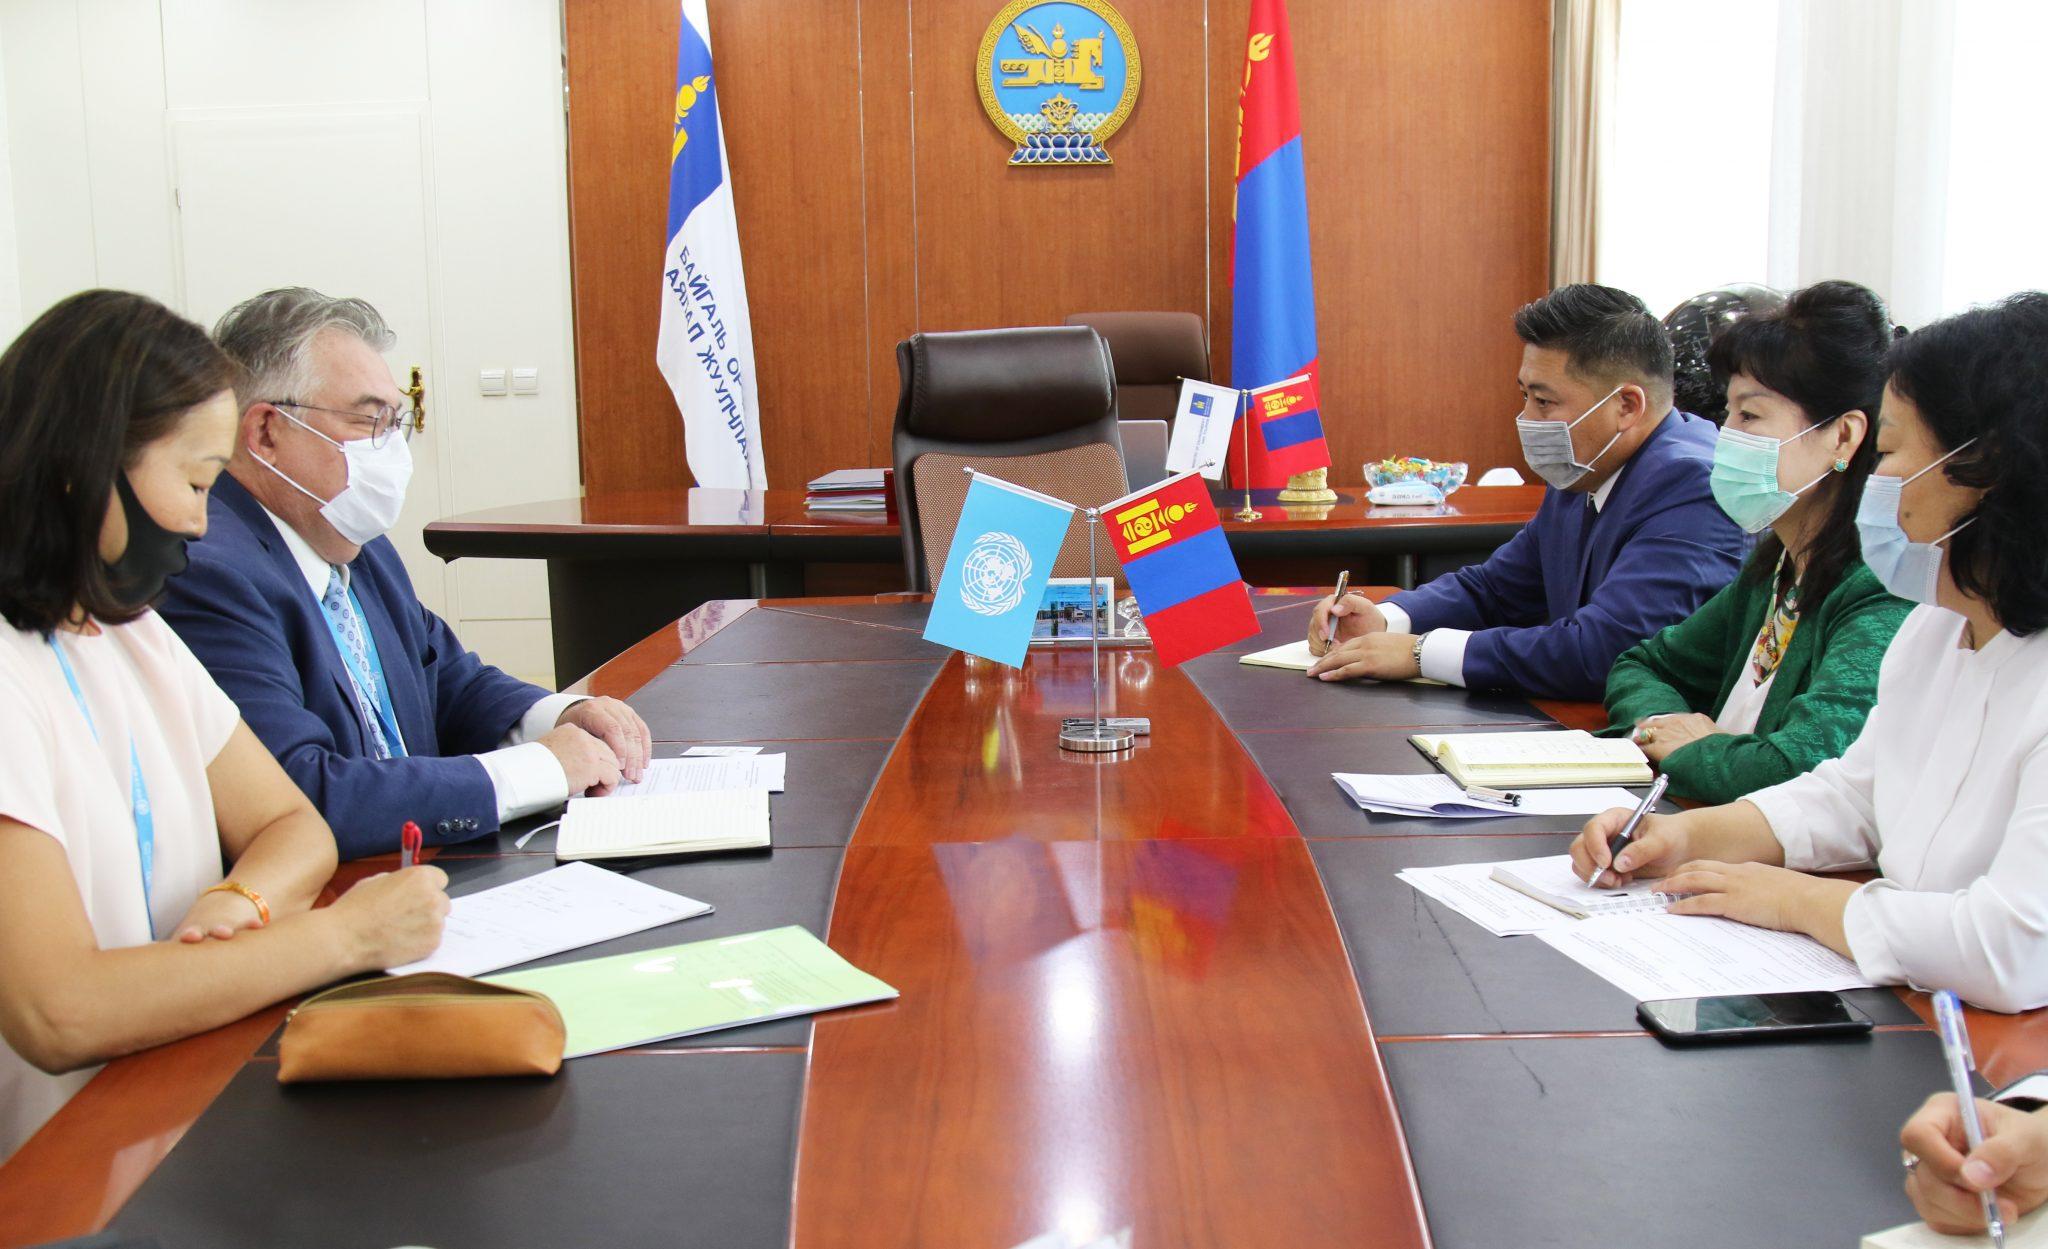 БОАЖ-ын сайд Д.Сарангэрэл ДЭМБ-ын суурин төлөөлөгч Сергей Диордицаг хүлээн авч уулзлаа